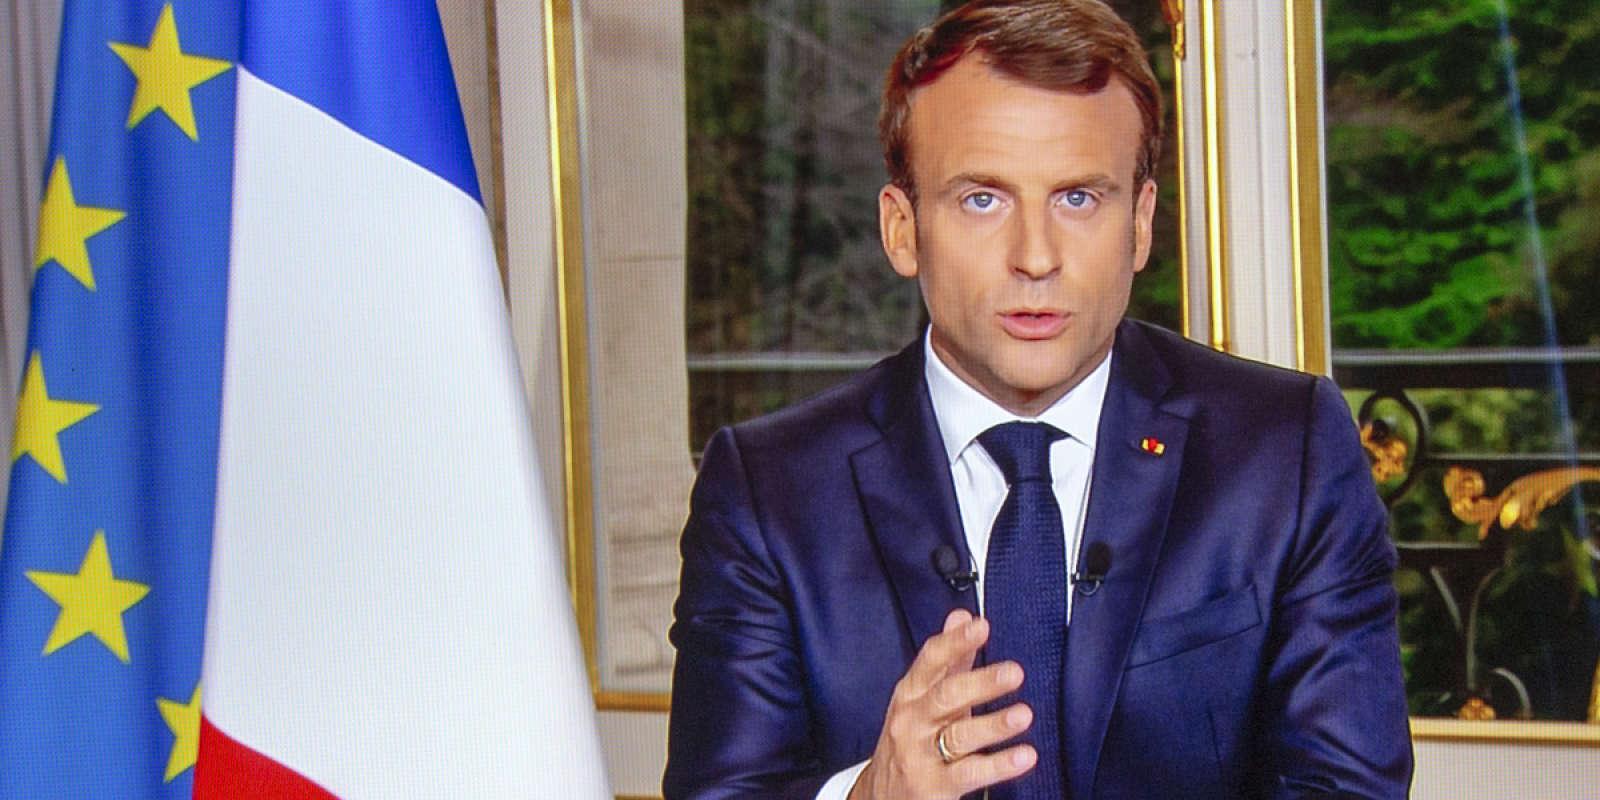 Le président de la République s'est adressé mardi soir à la nation au sujet de l'incendie lundi 15 avril de Notre-Dame de Paris.